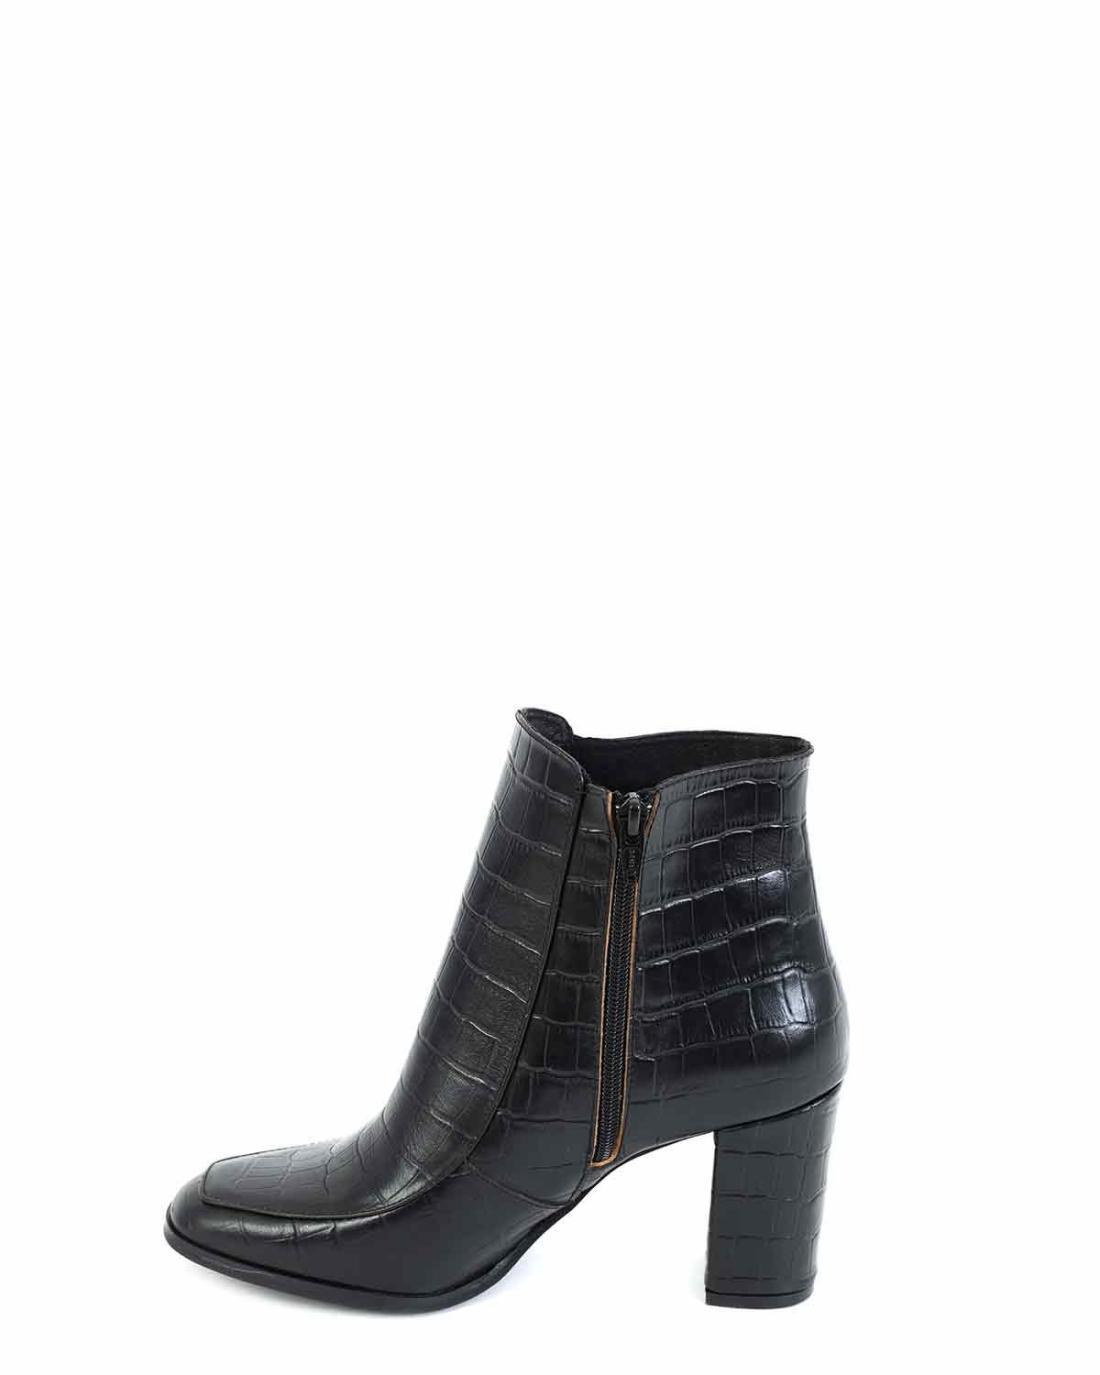 Δερμάτινα ankle boots μαύρα